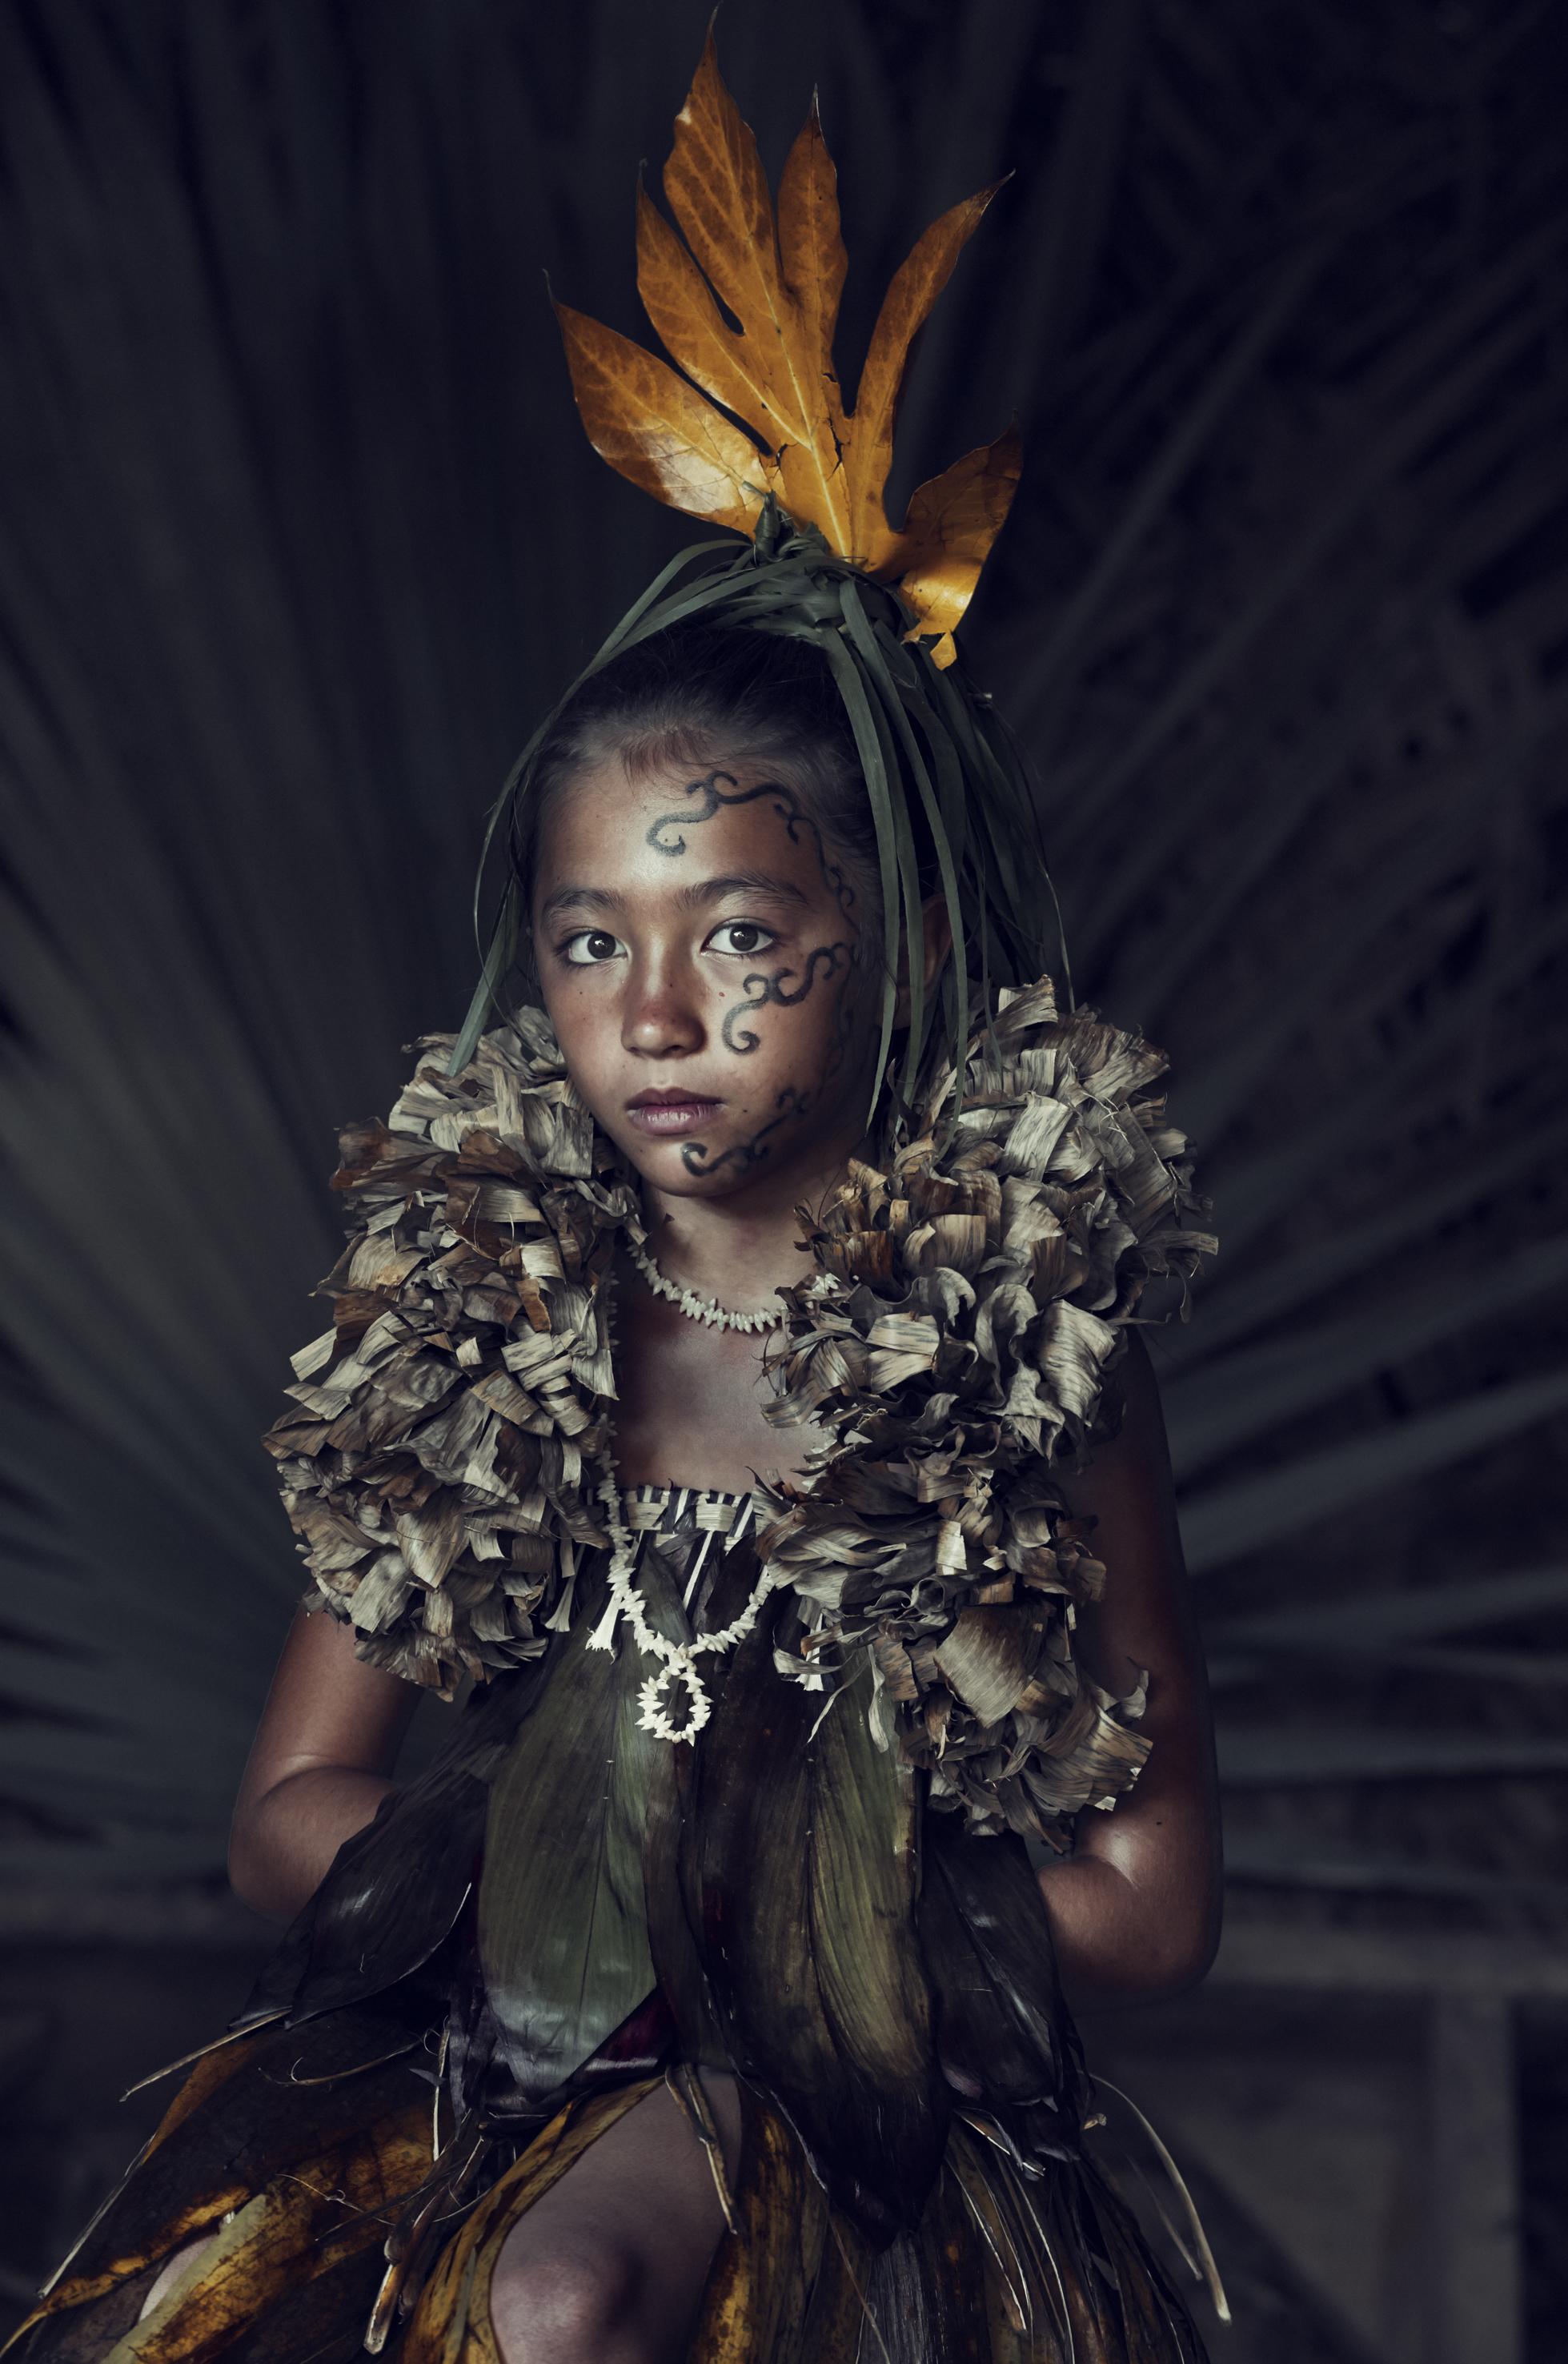 XXVI 5, Te Pua O Feani, Atuona, Hiva Oa, Marquesas Islands, French Polynesia, 2016